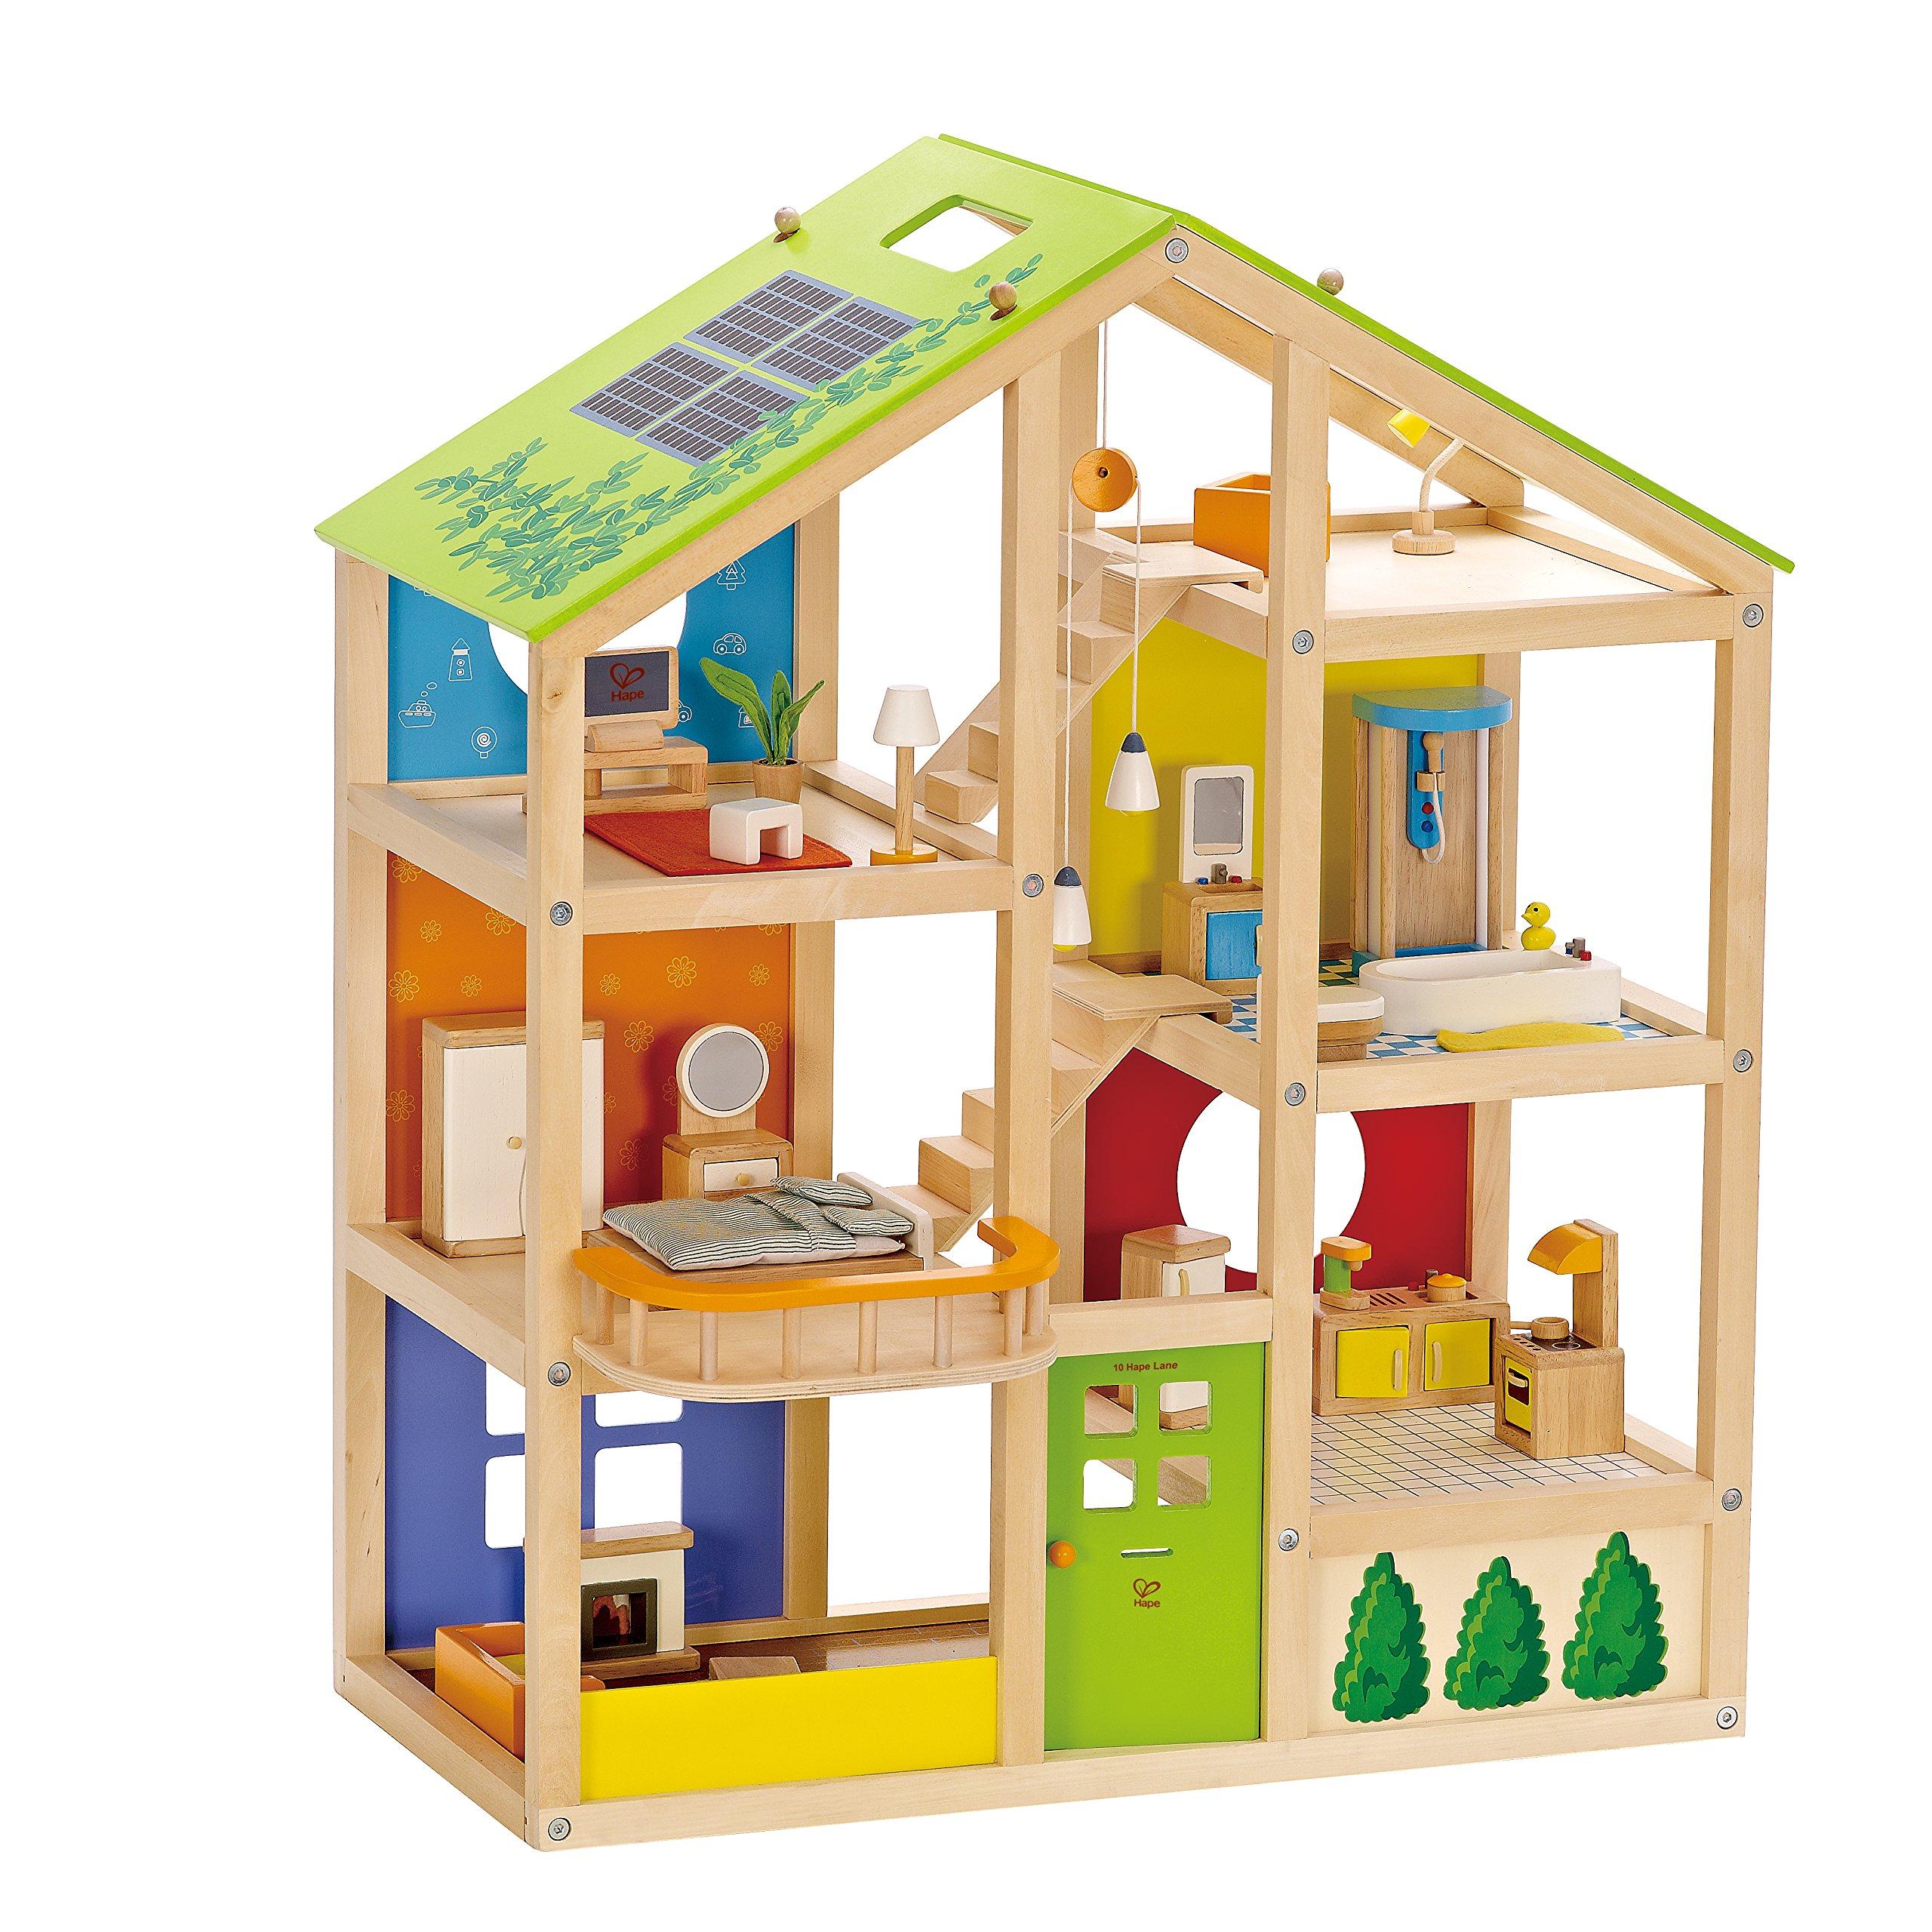 玩偶,玩具熊 缩小娃娃屋 房子  product dimensions: 23.6 x 11.